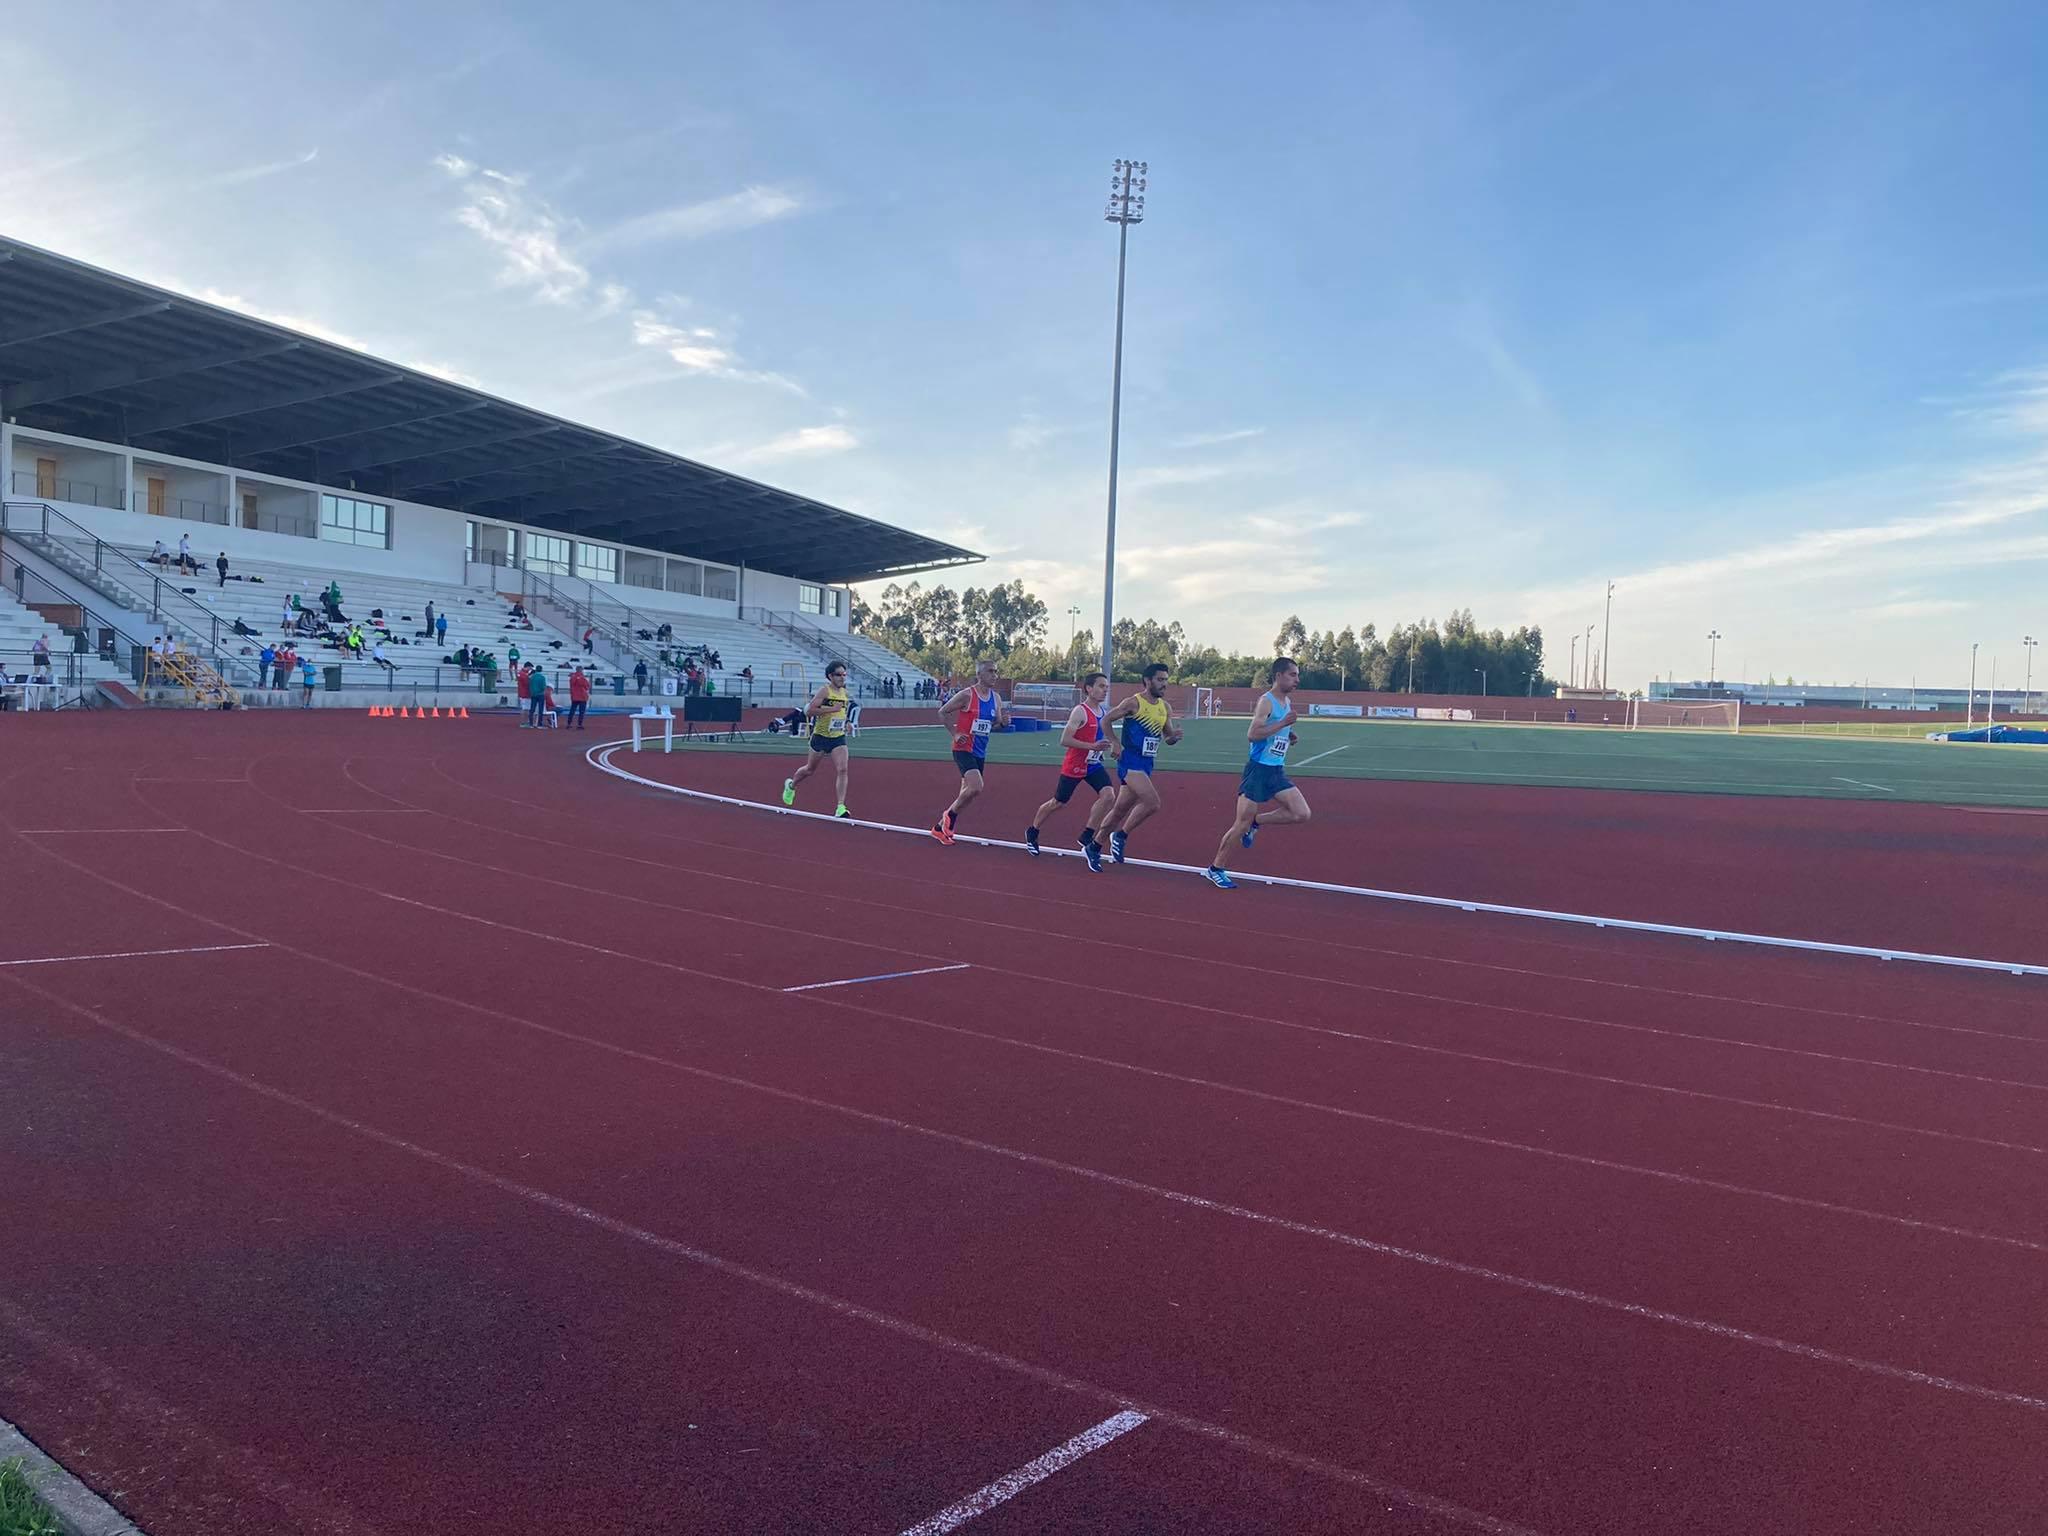 correr 10 000 metros na pista - Torneio Primavera Vagos 2021